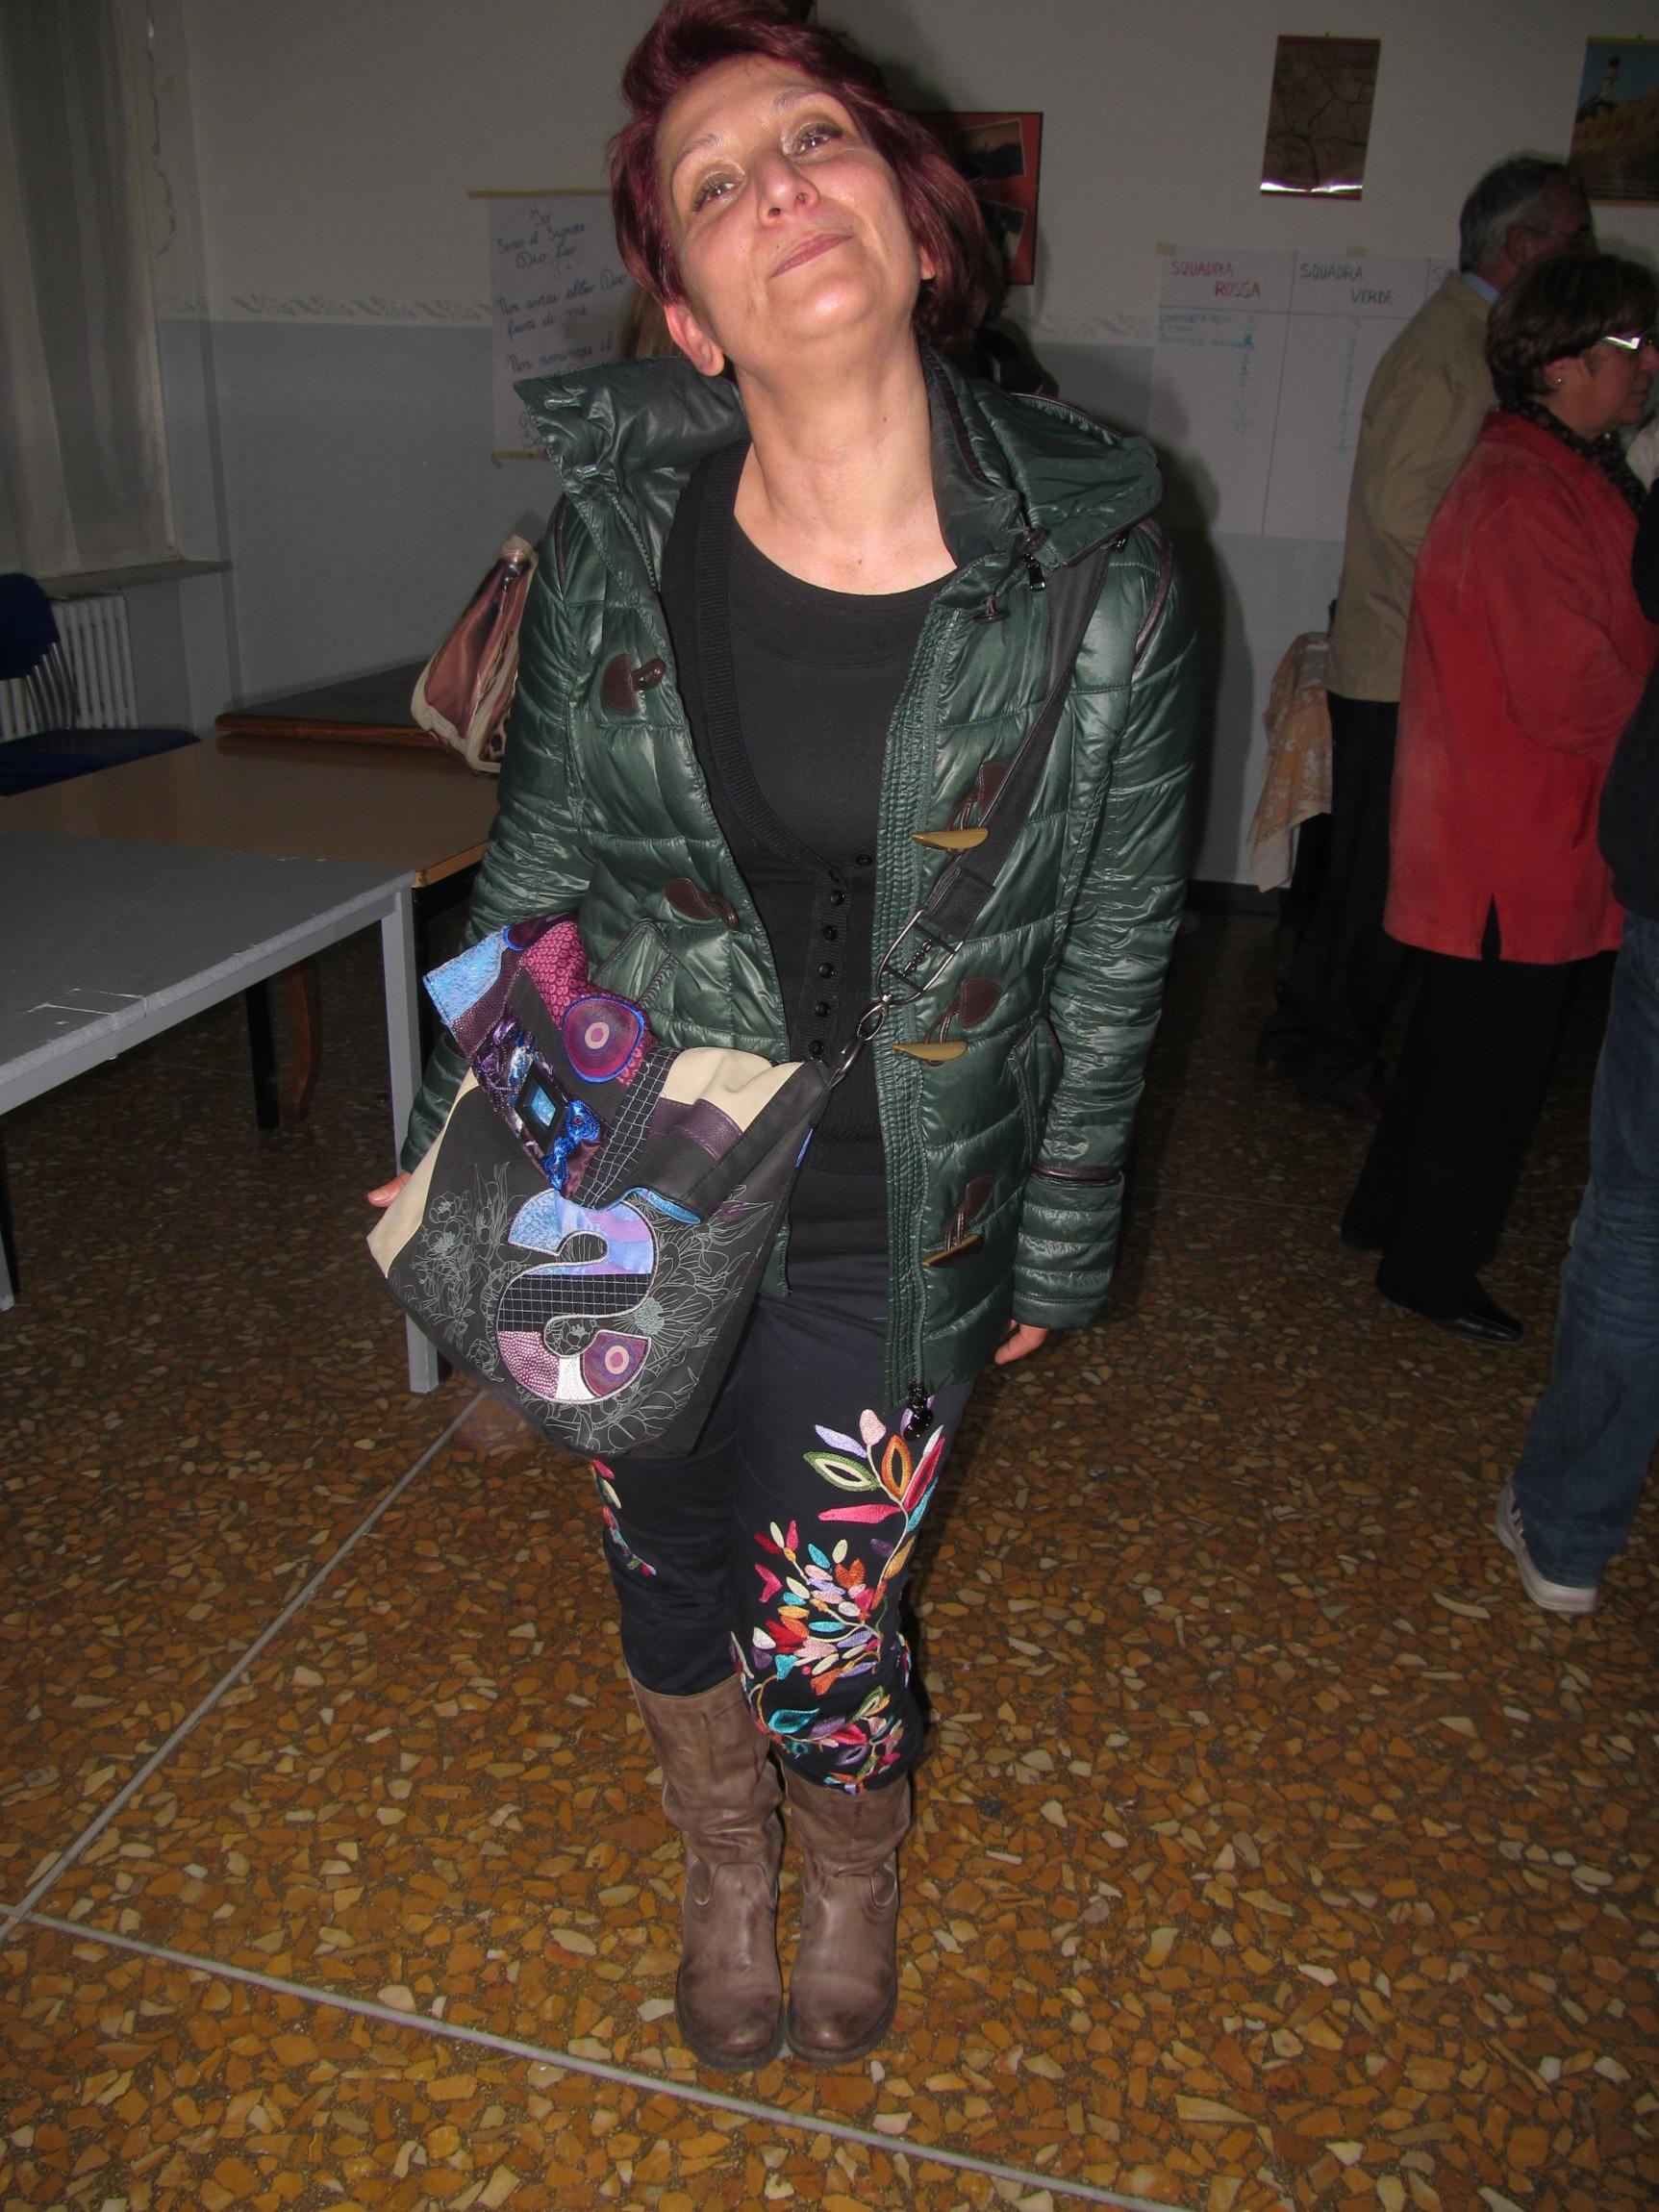 cena_ebraica_2014-04-16-21-10-03